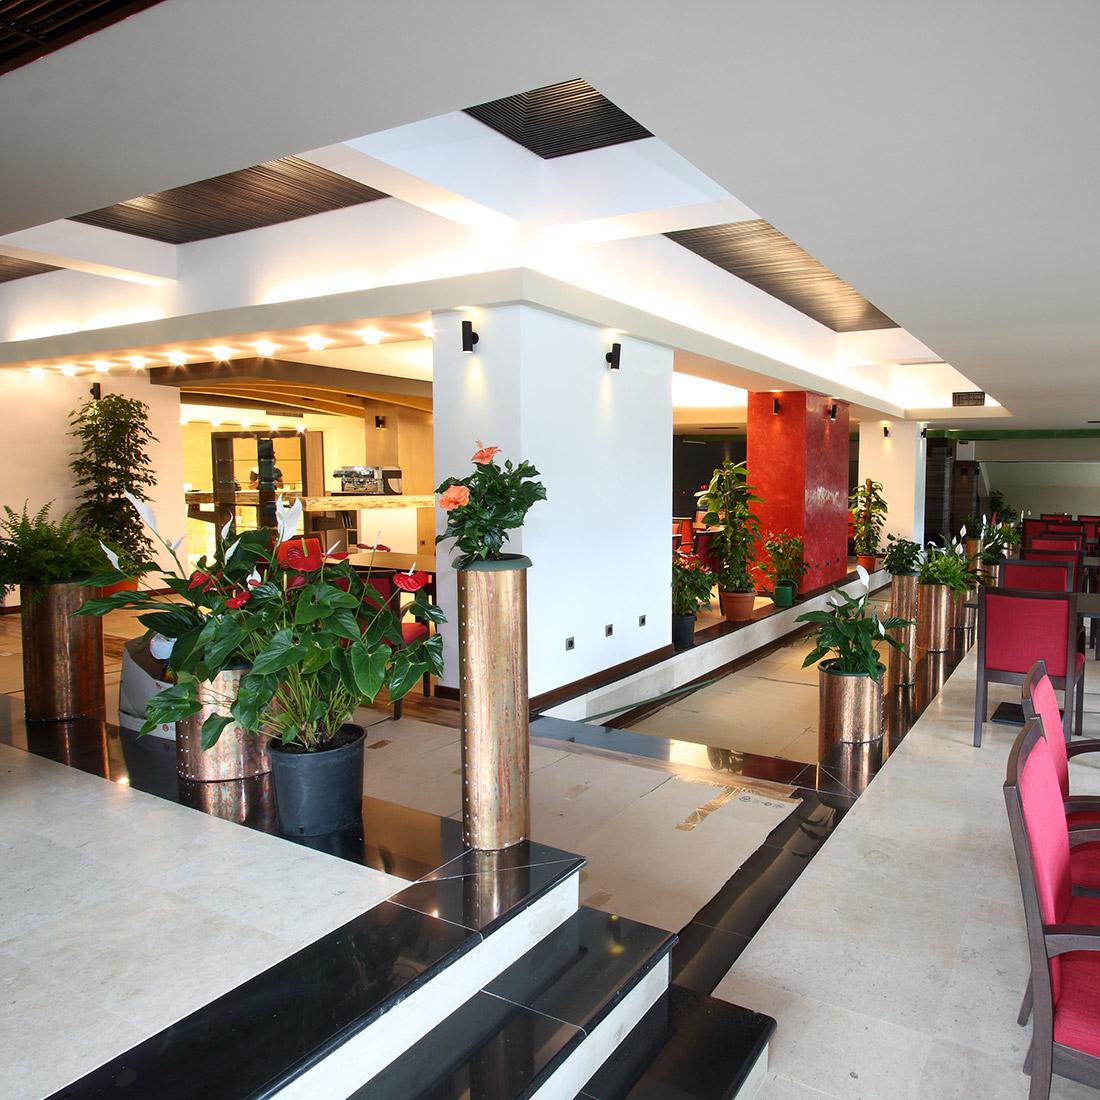 Site prezentare hotel